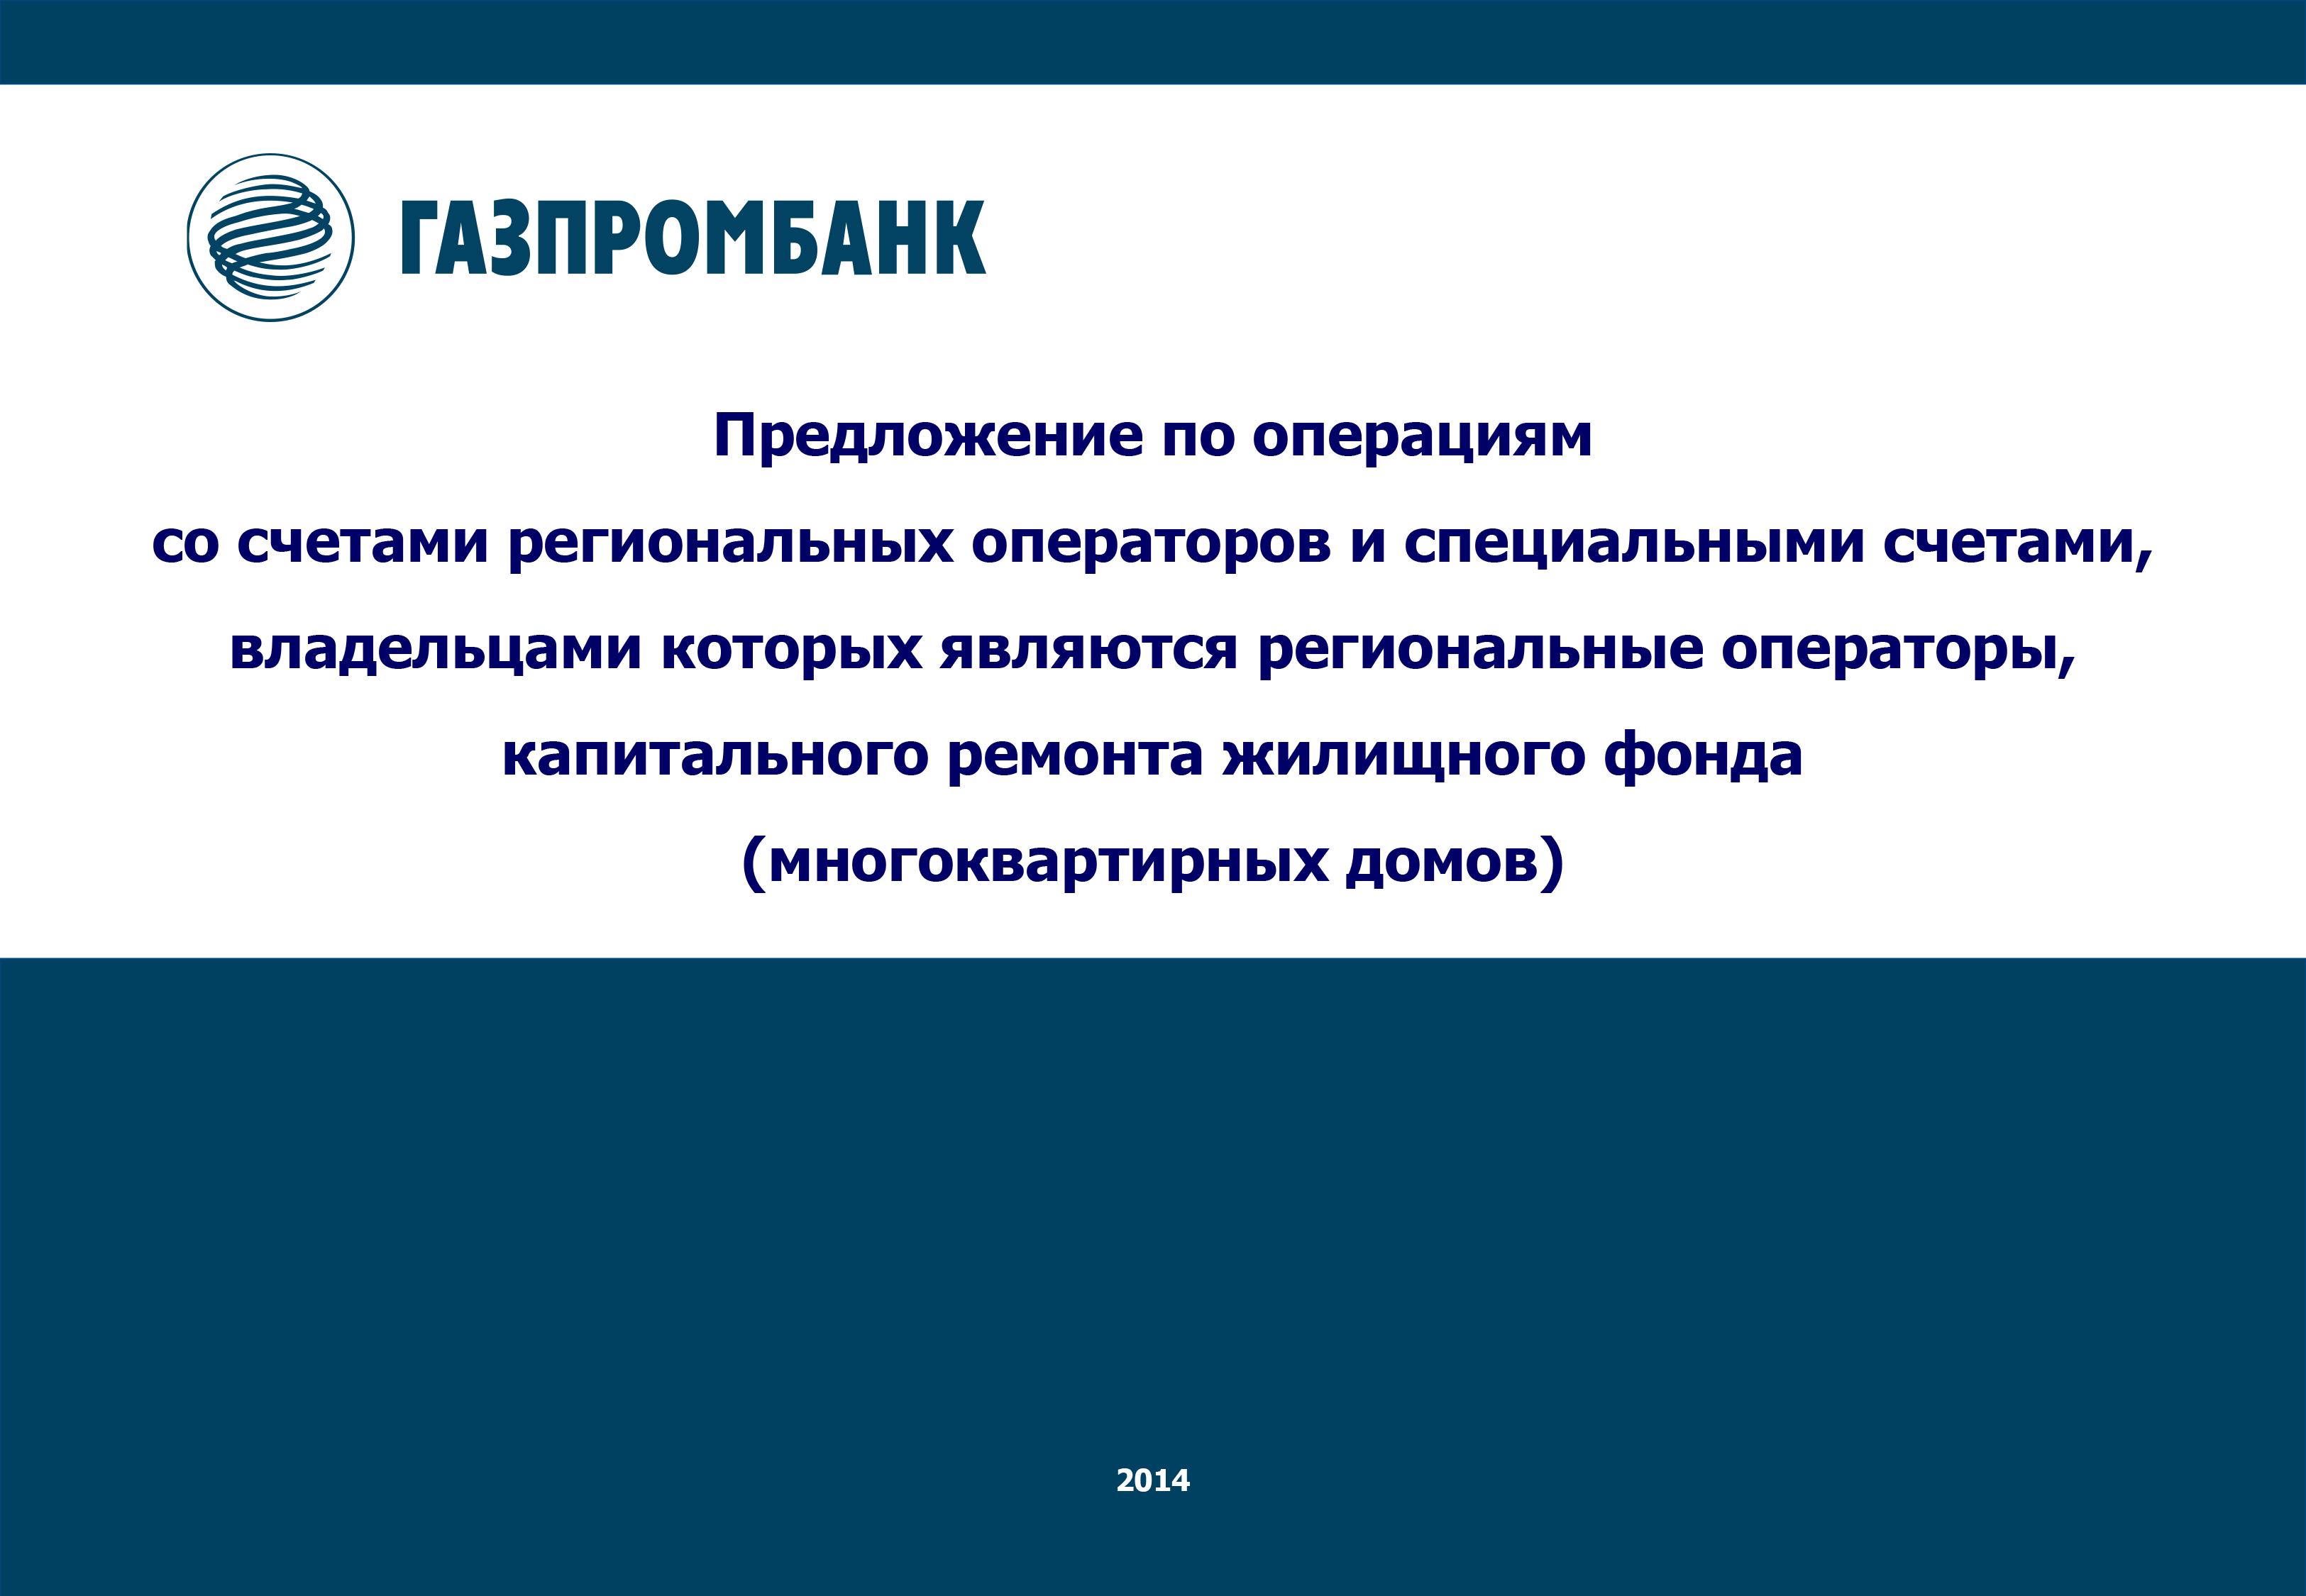 Предложение по операциям со счетами от Газпромбанка